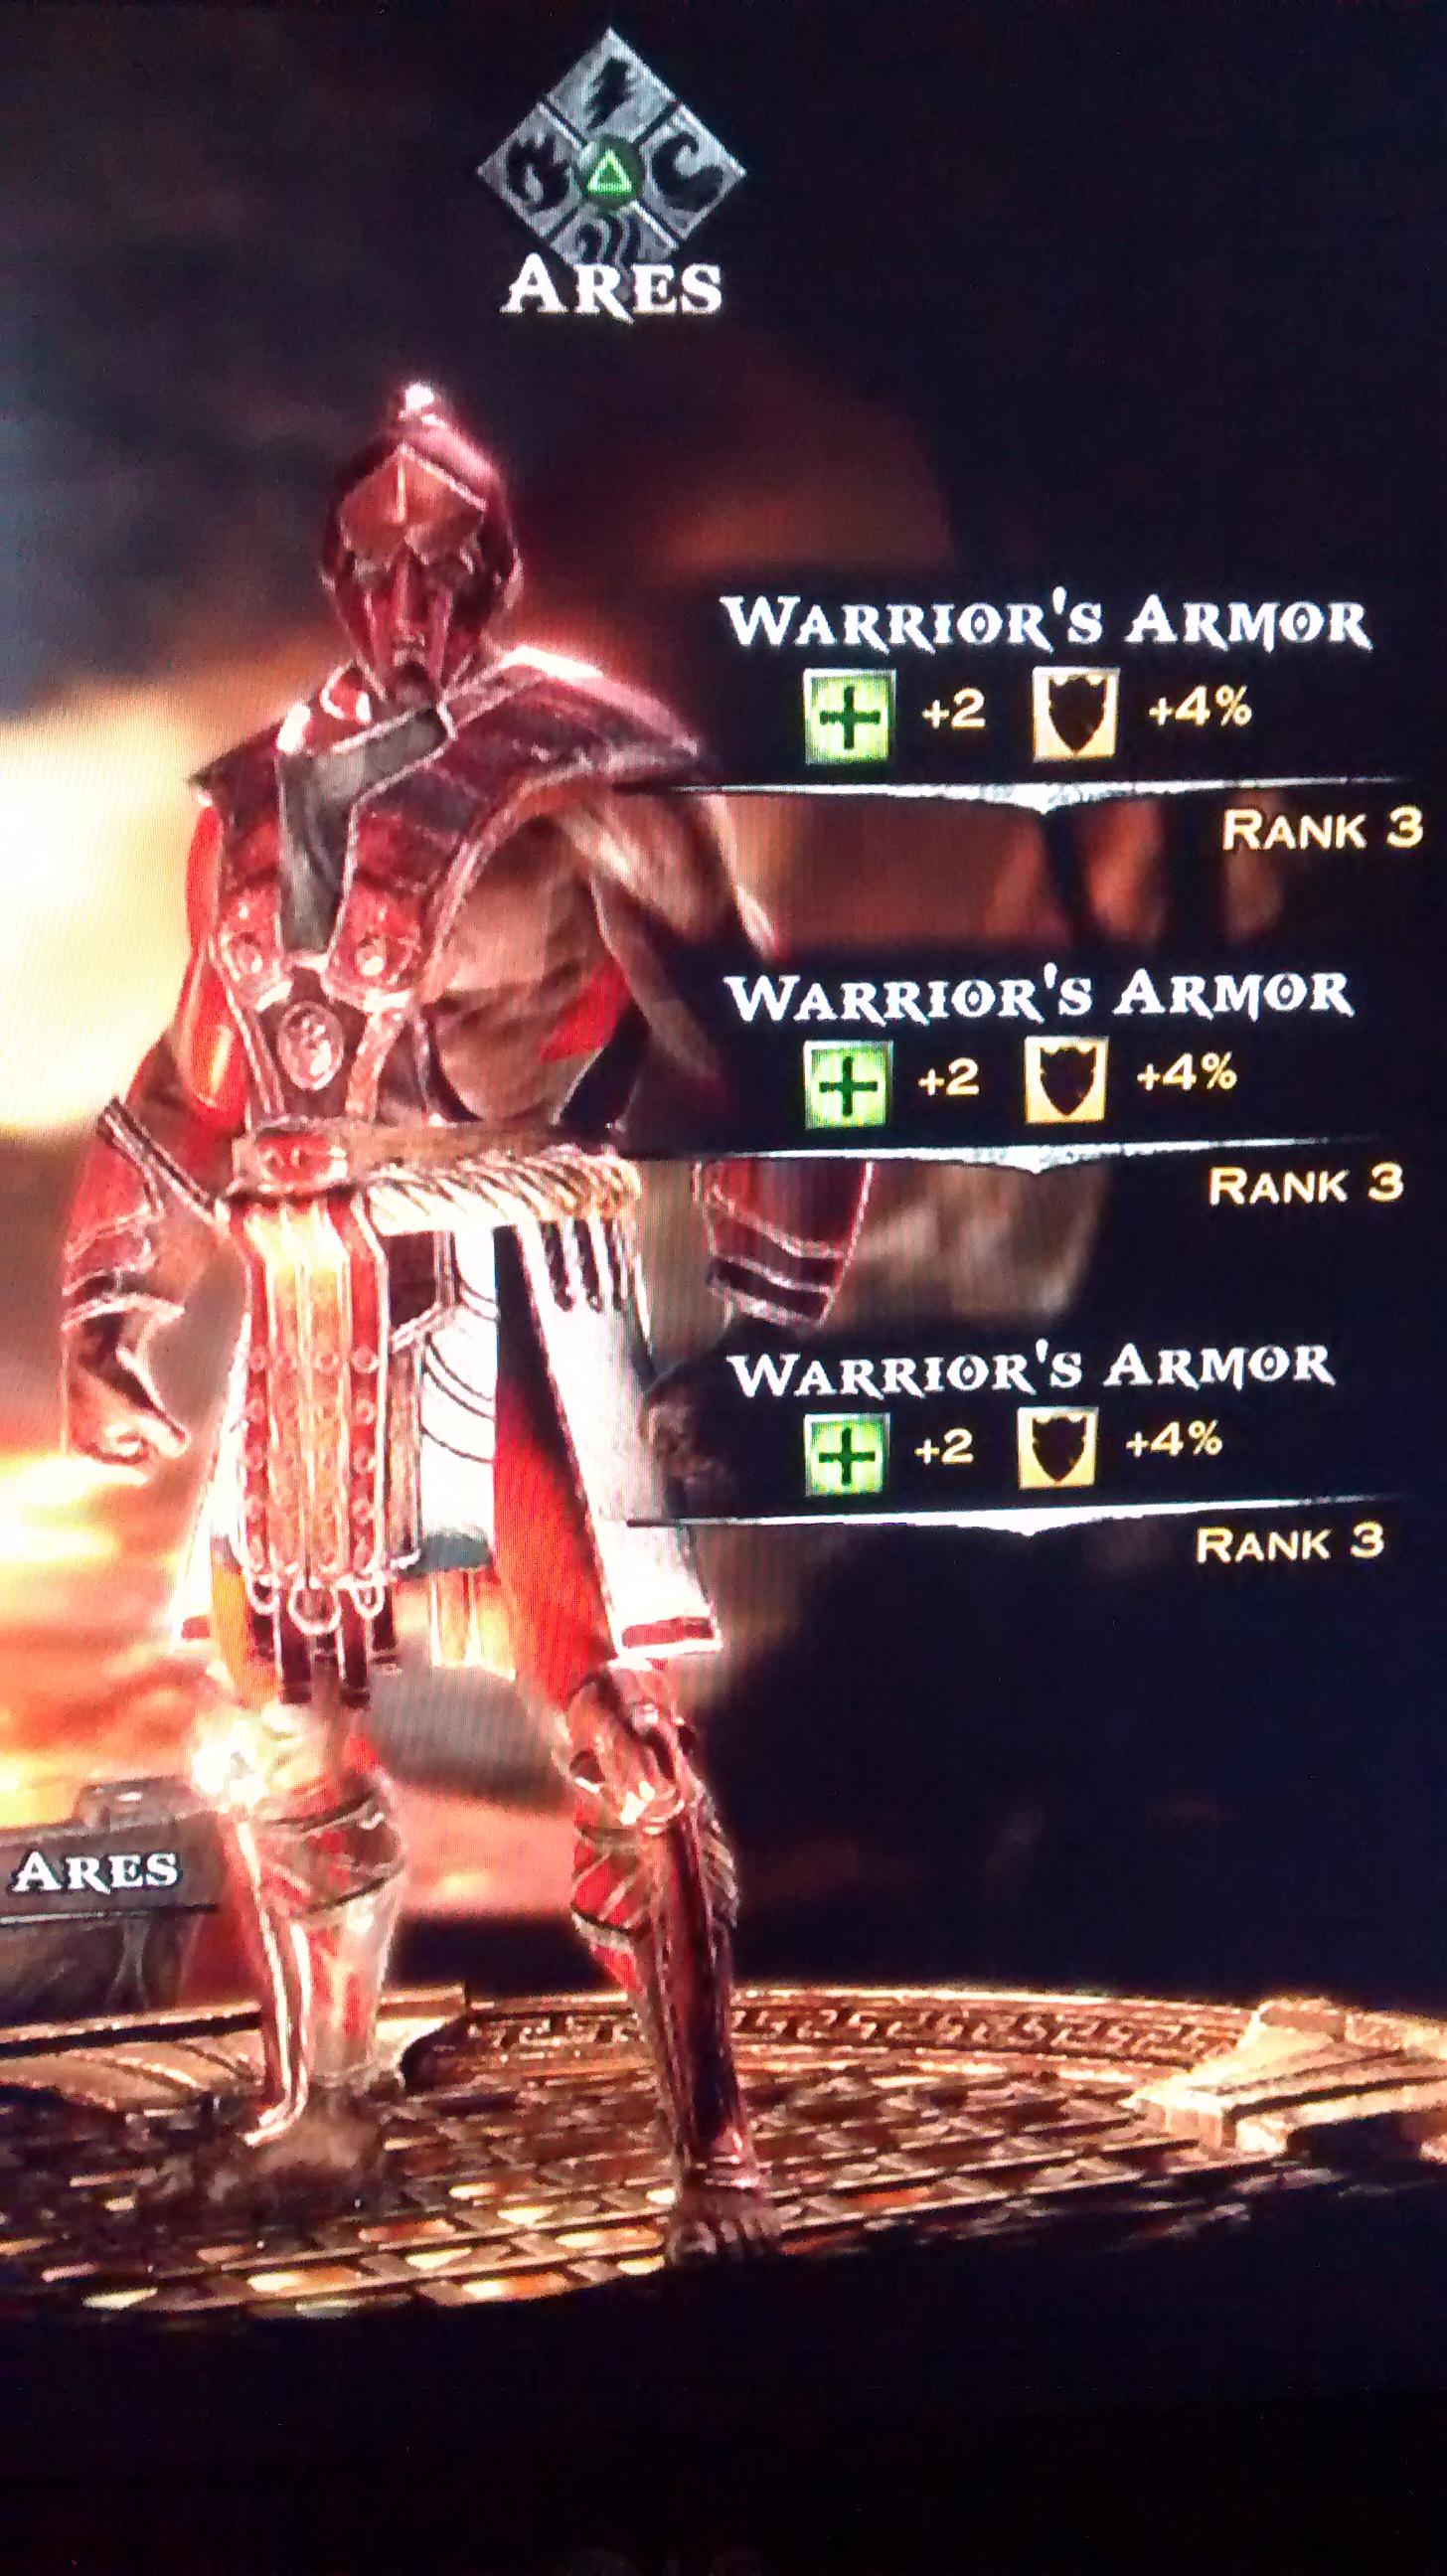 Warrior's Armor